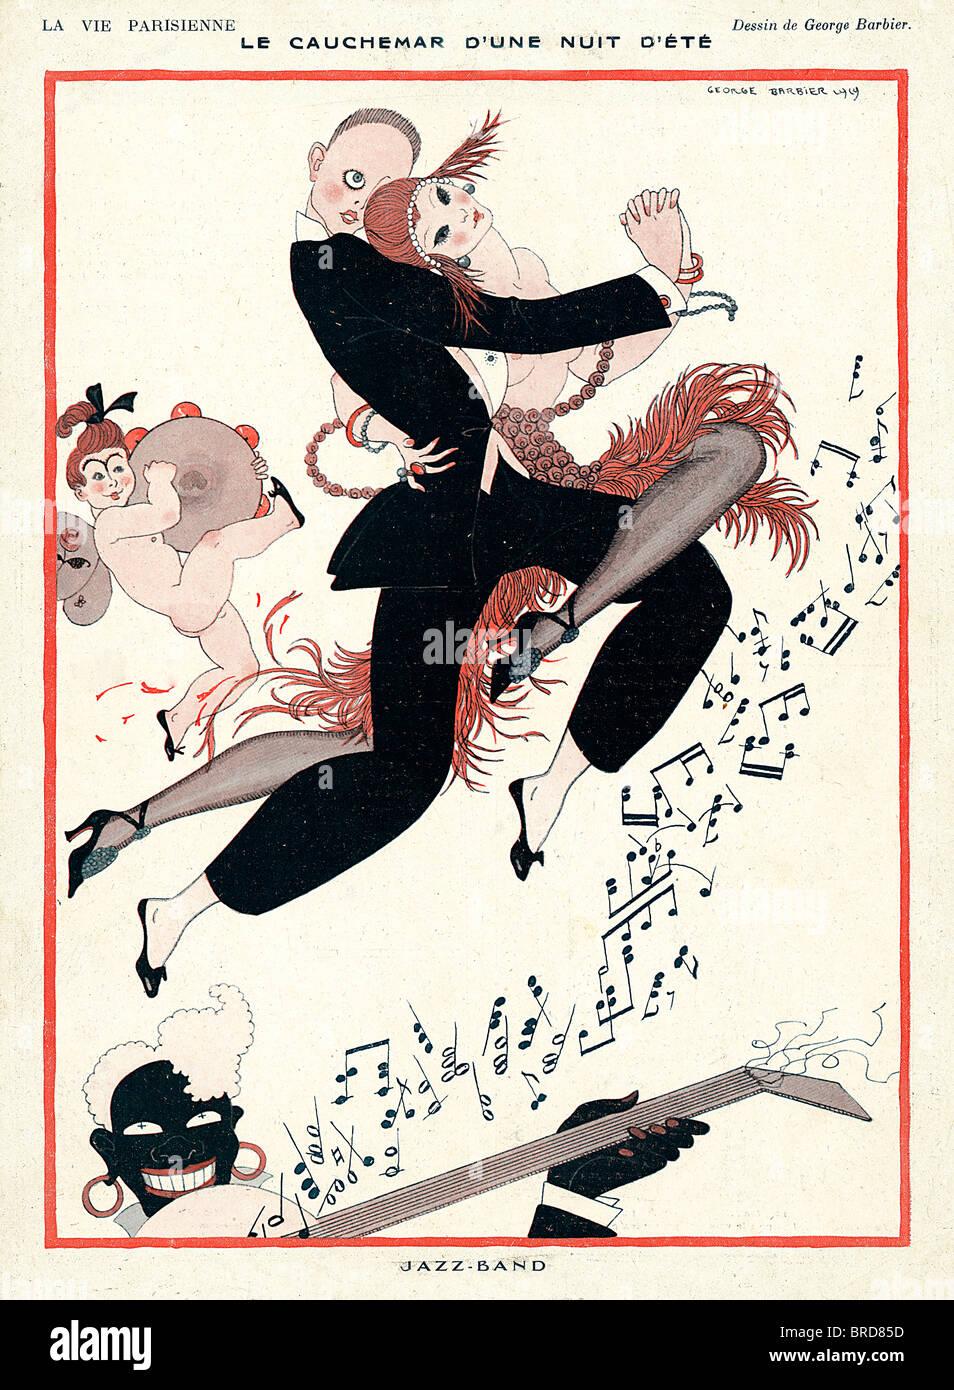 Jazz-Band, 1929 französische Zeitschrift Illustration, Le Cauchemar Düne Nuit Ete, Incubus einer Sommernacht Stockbild